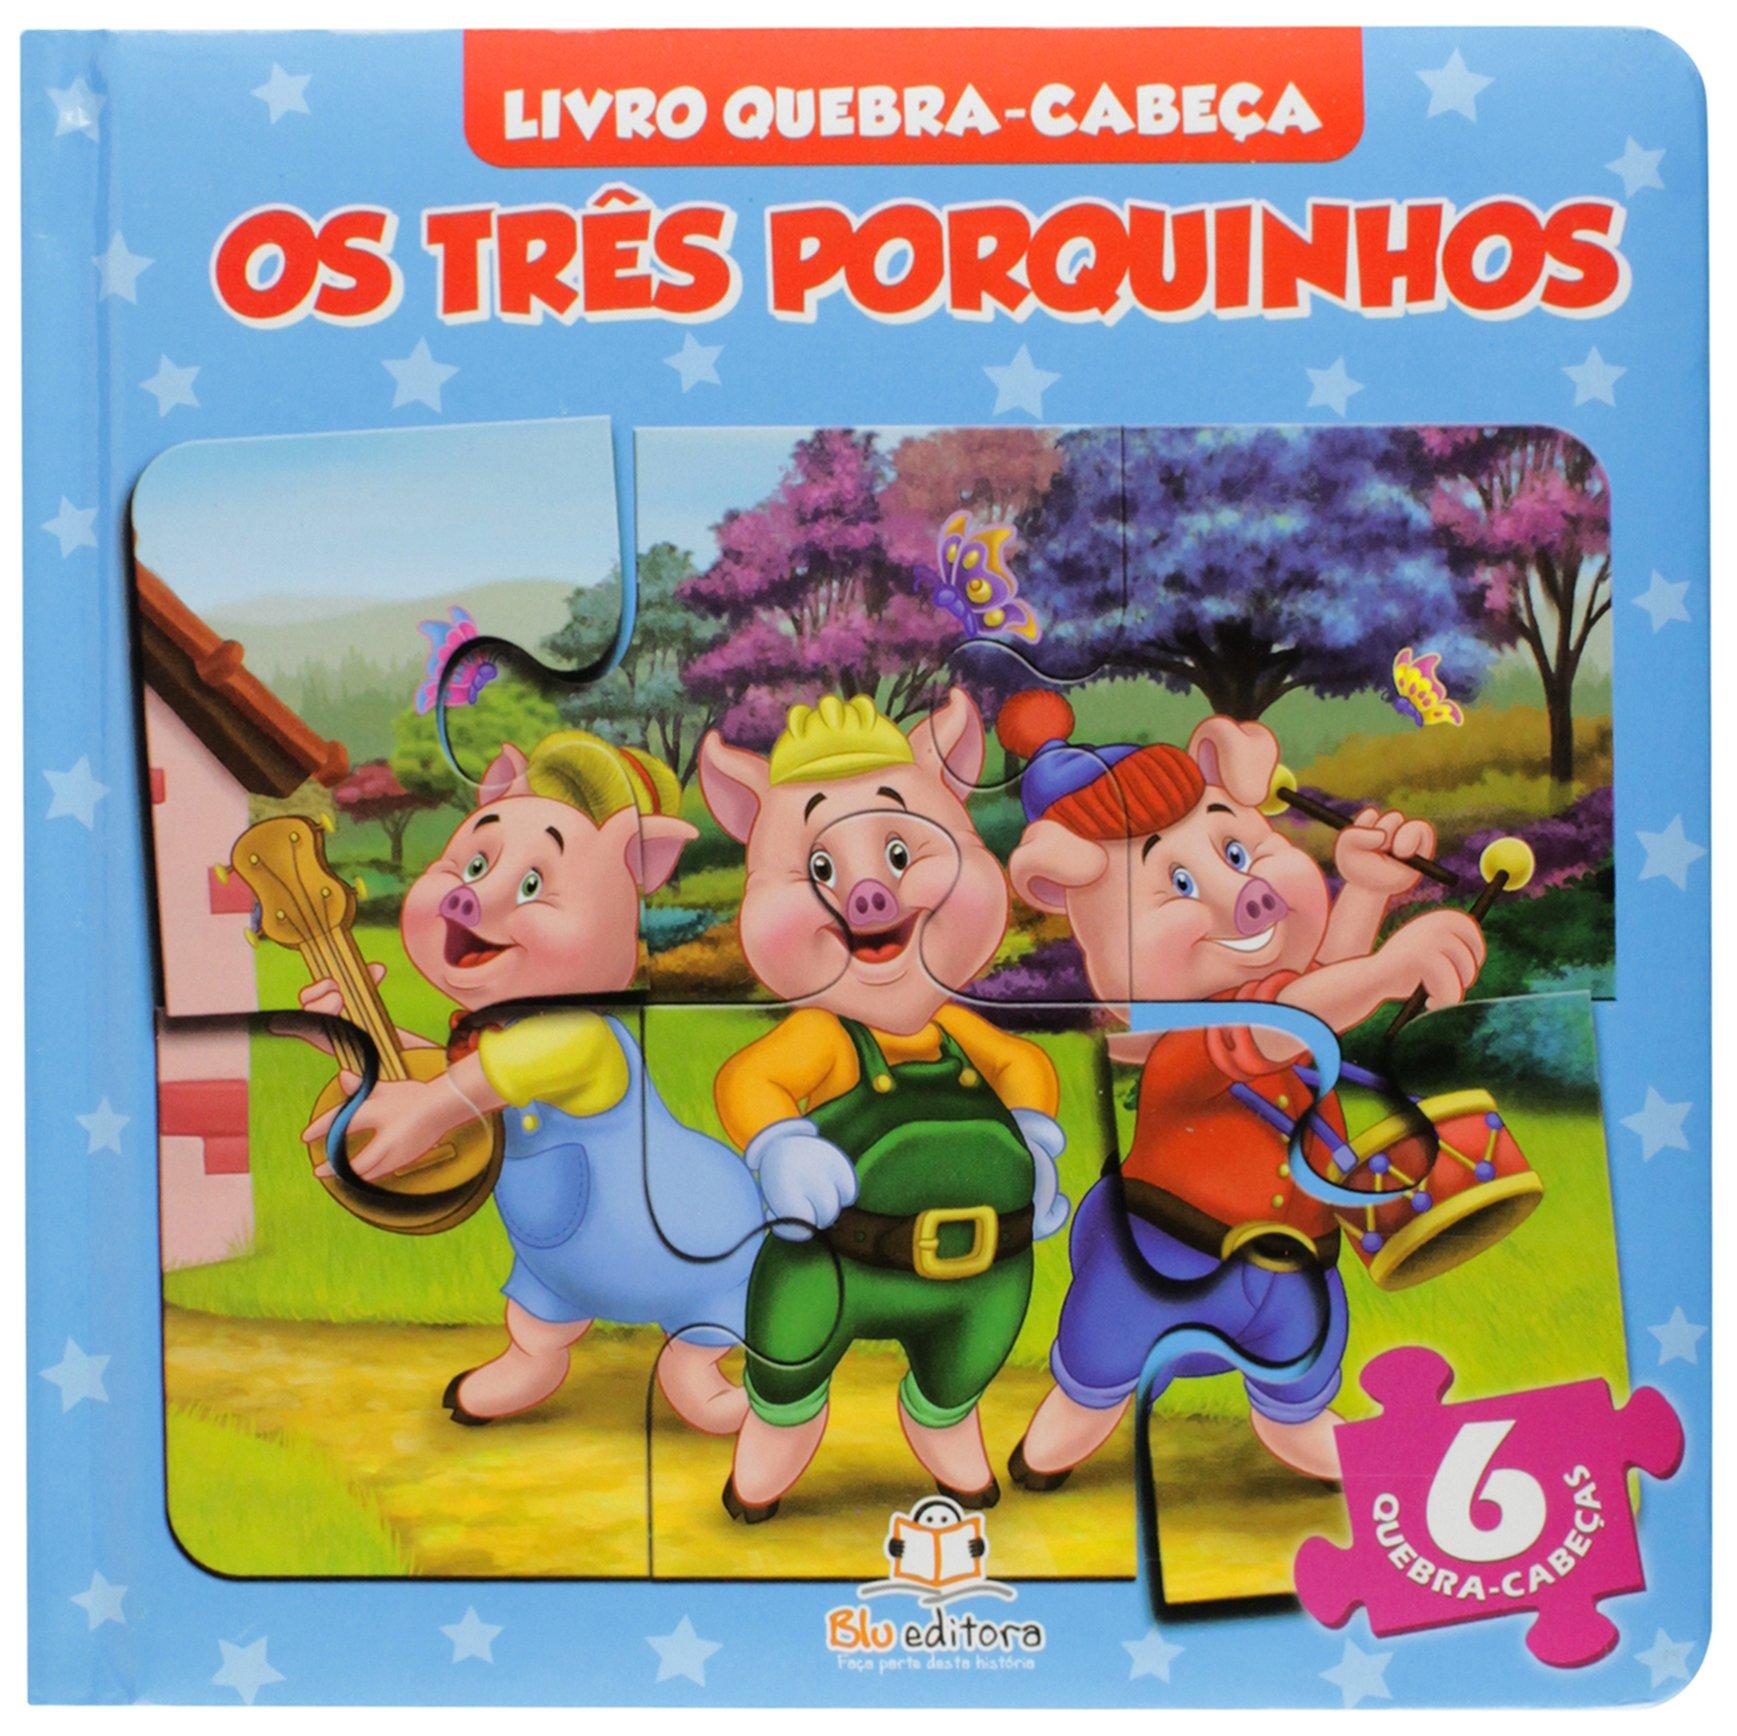 Livro Quebra-Cabeça Pequeno. Os Três Porquinhos